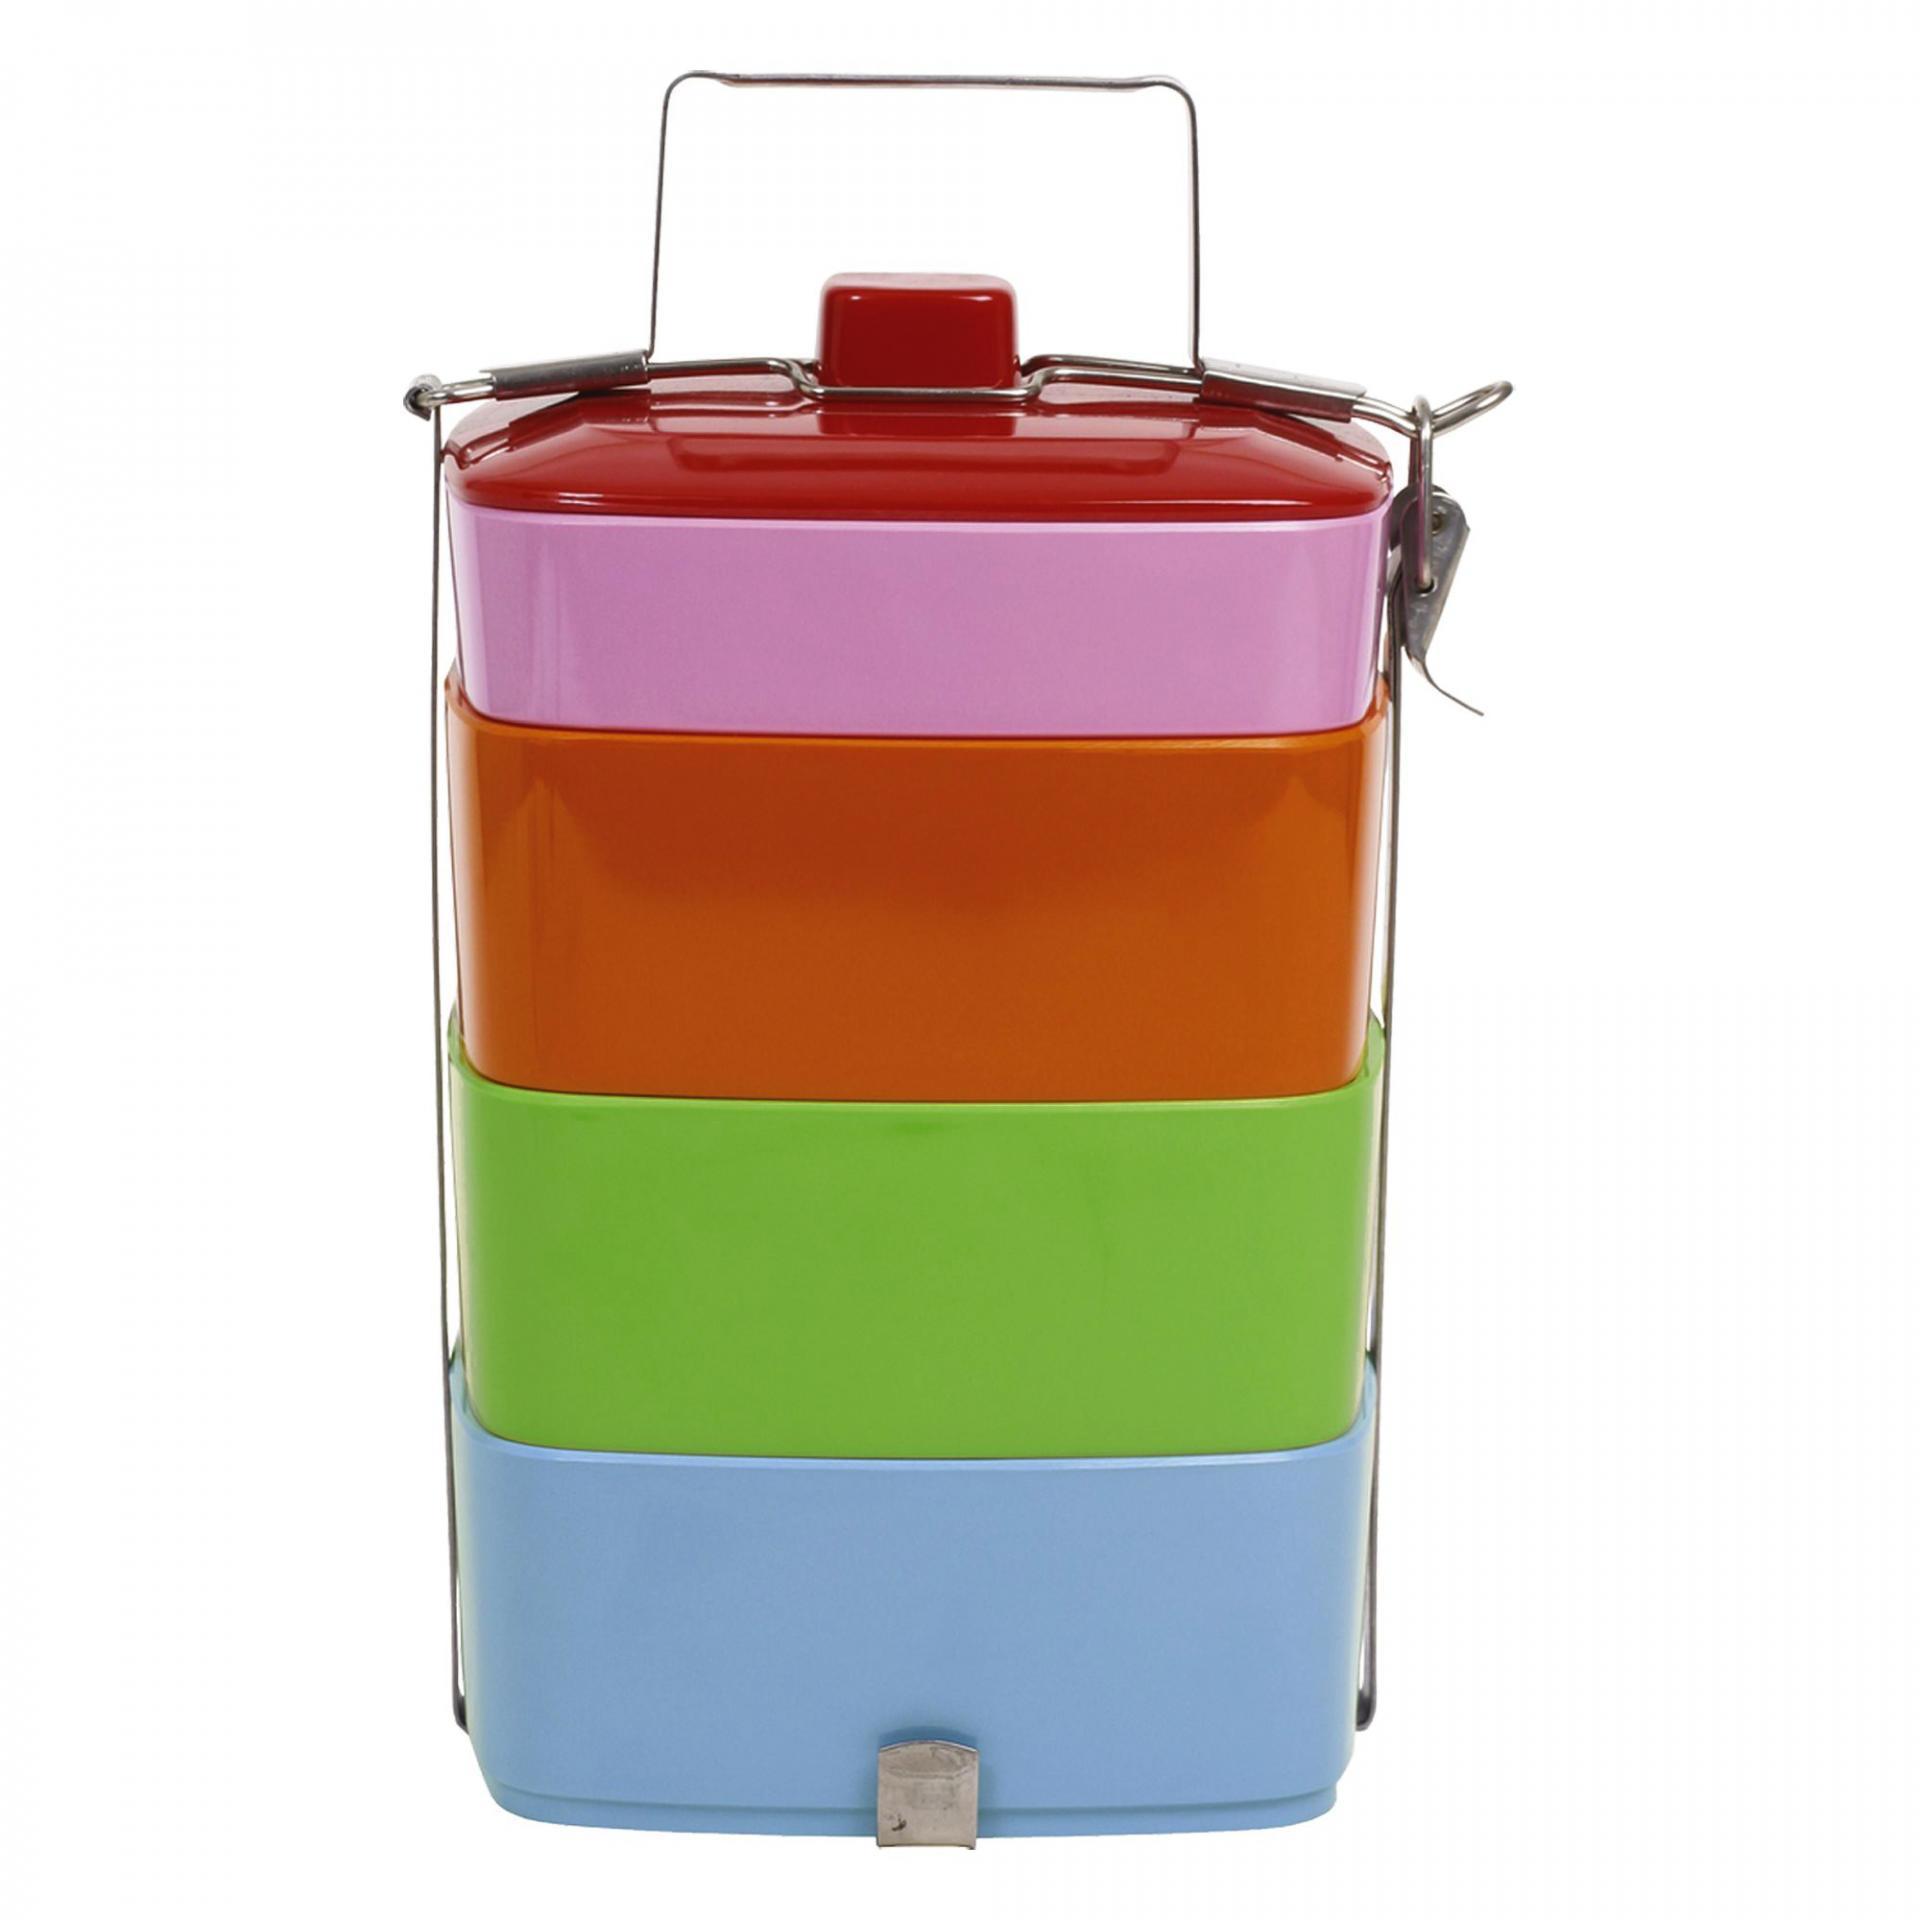 rice Čtyřpatrový melaminový jídlonosič Colors, růžová barva, modrá barva, zelená barva, oranžová barva, multi barva, melamin